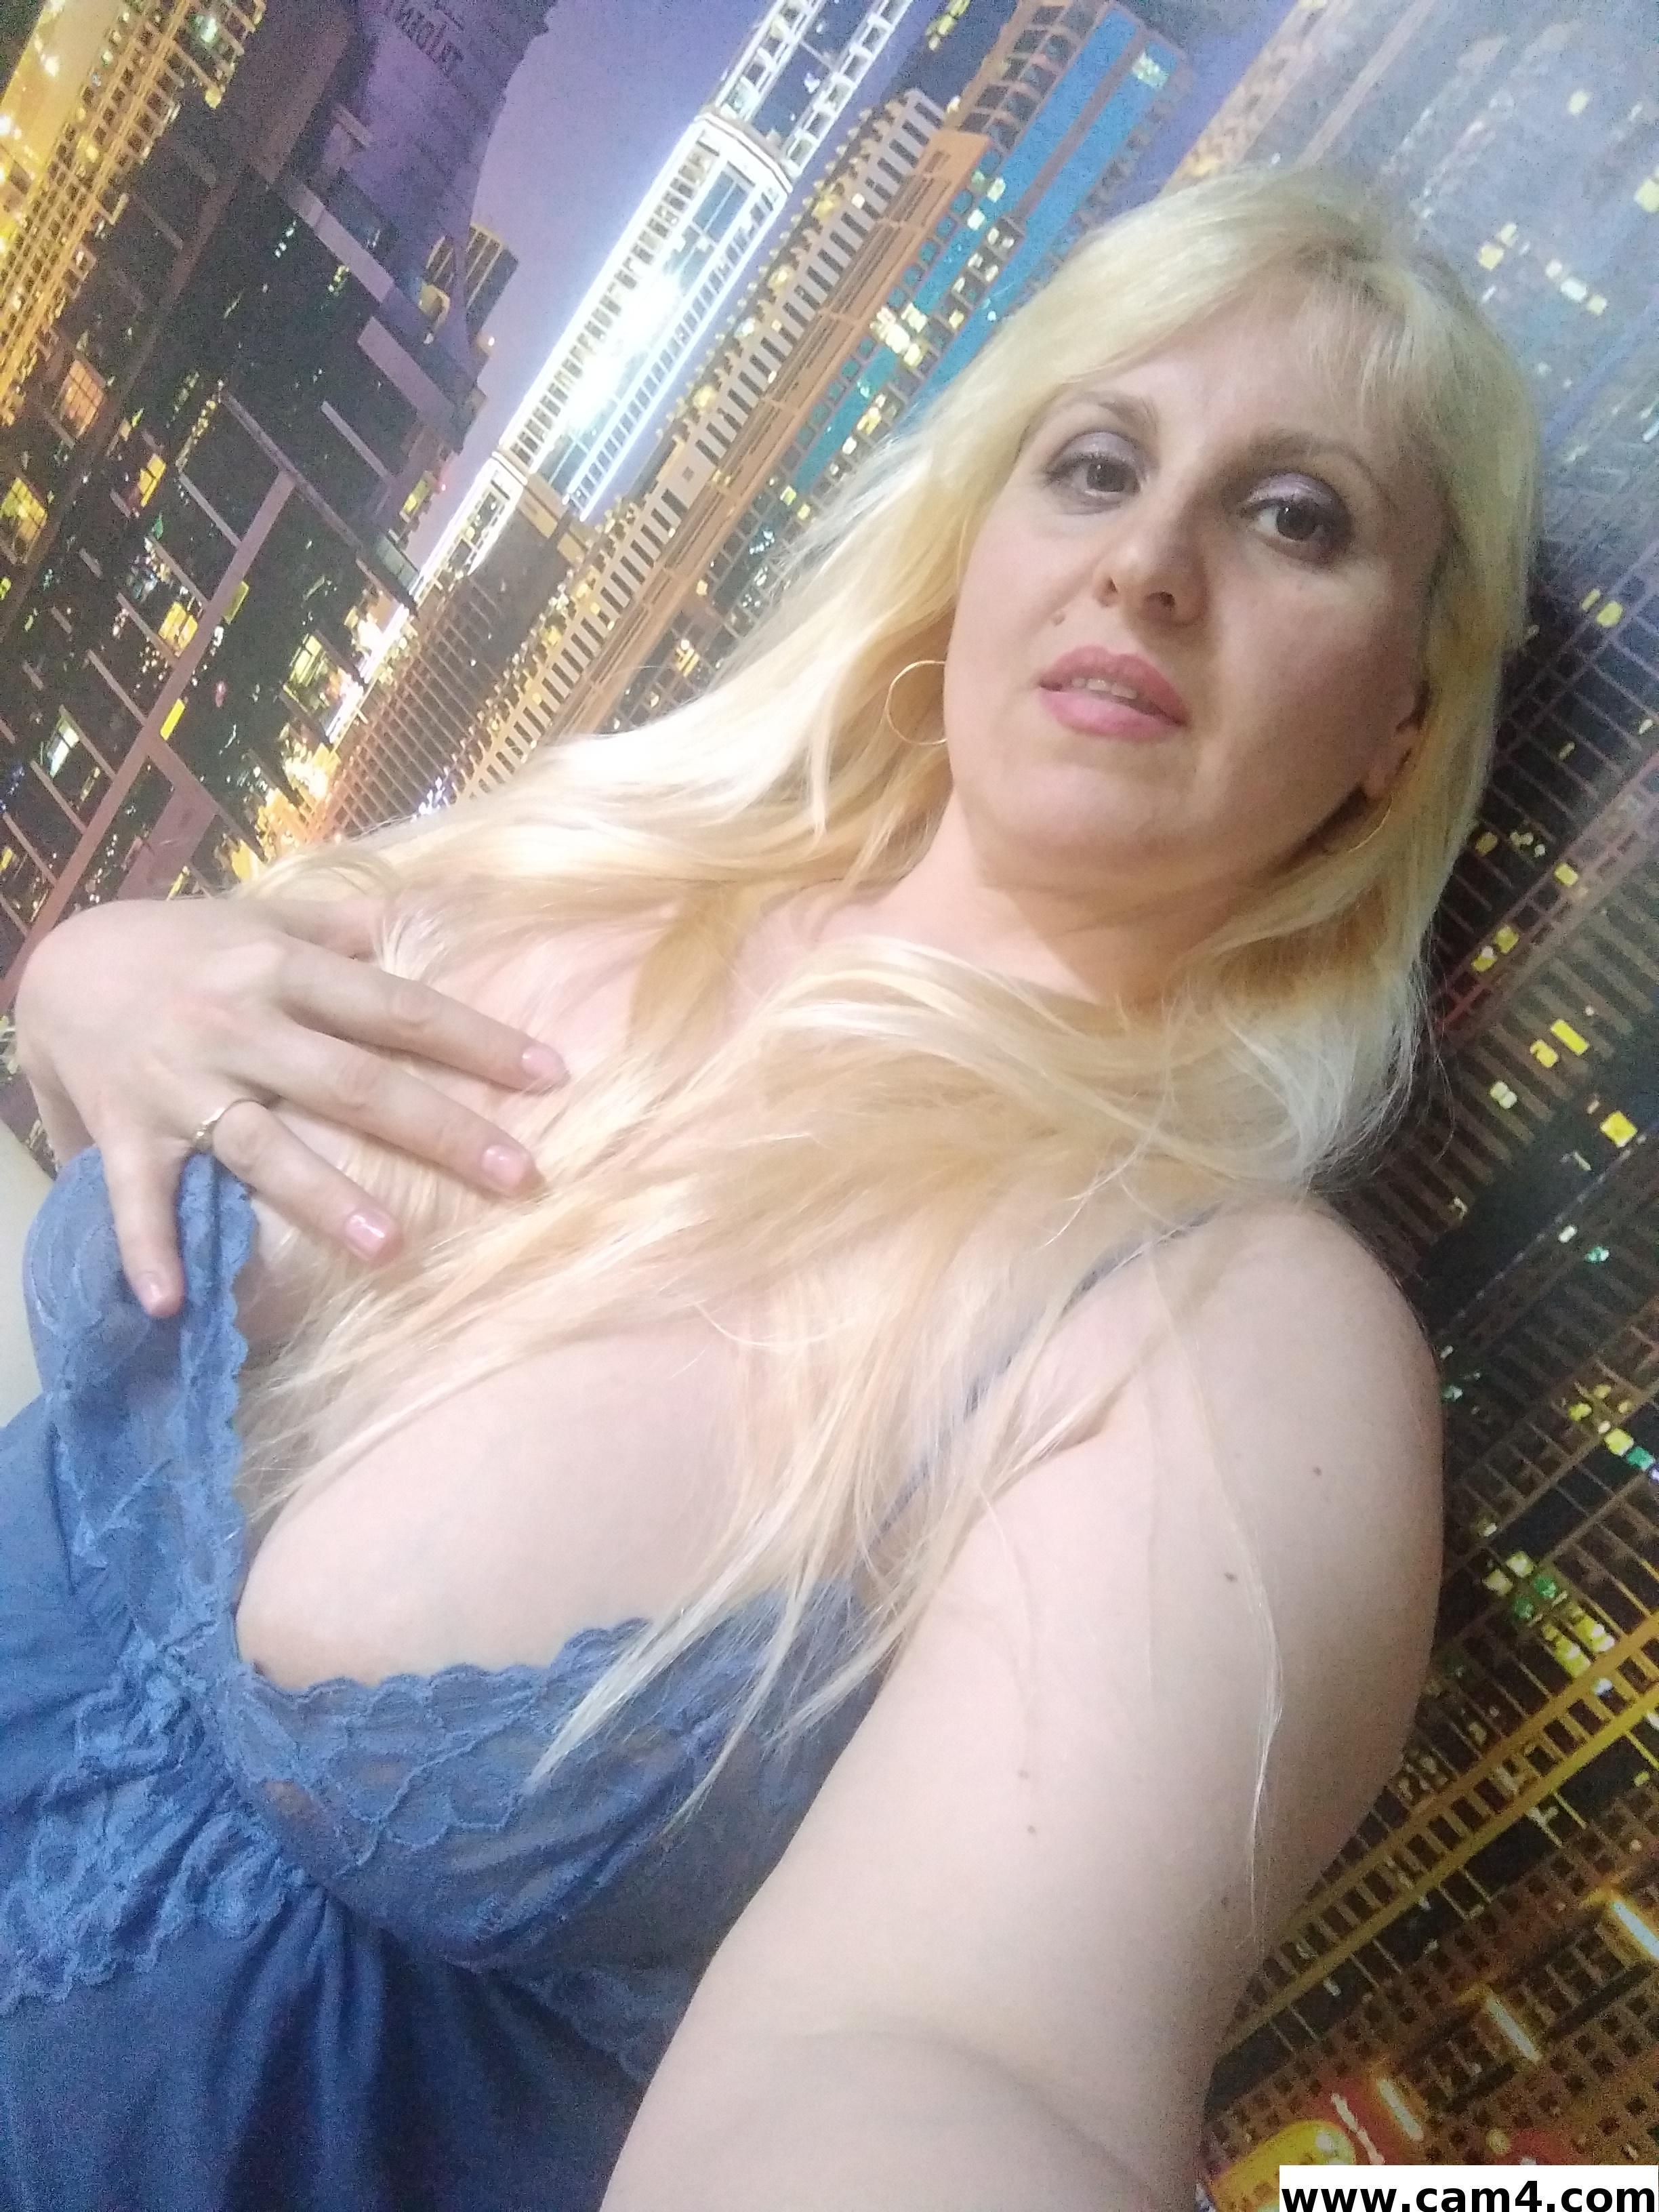 Blondabella?s=aygnw1kk9o3pjussutryty2ikf5hw4er++tok2jnh48=